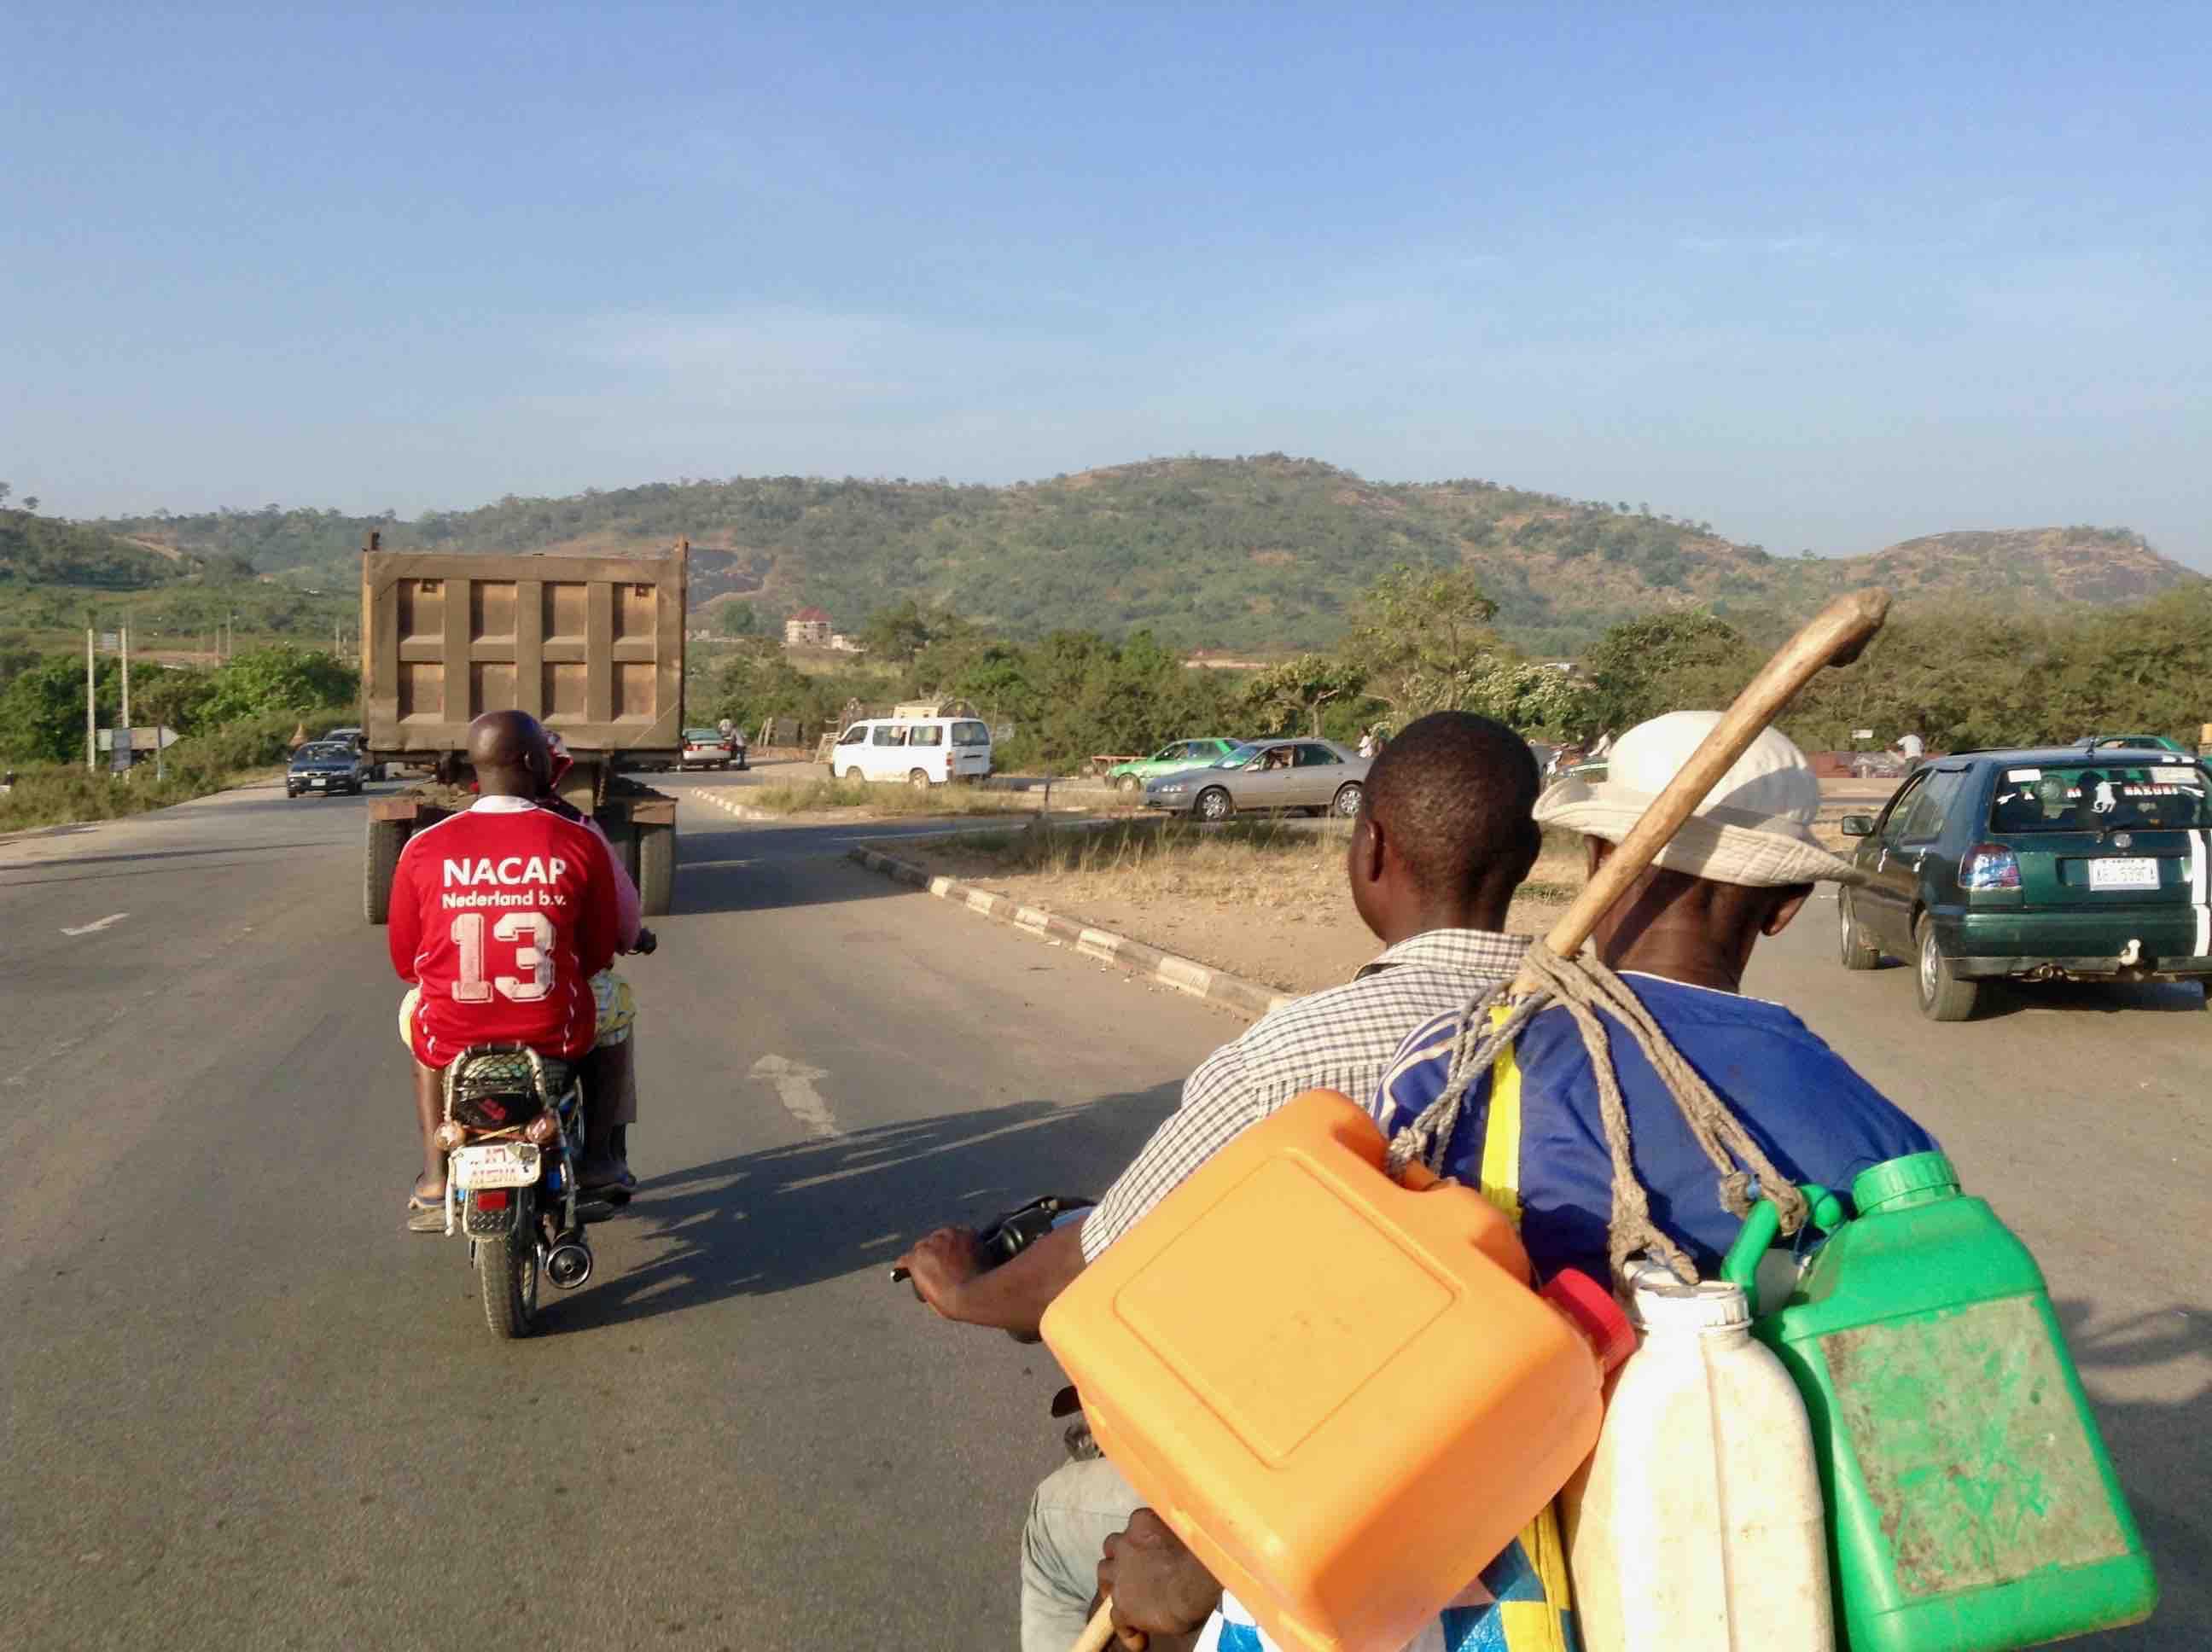 Bwari Road, Abuja, Nigeria. #JujuFilms